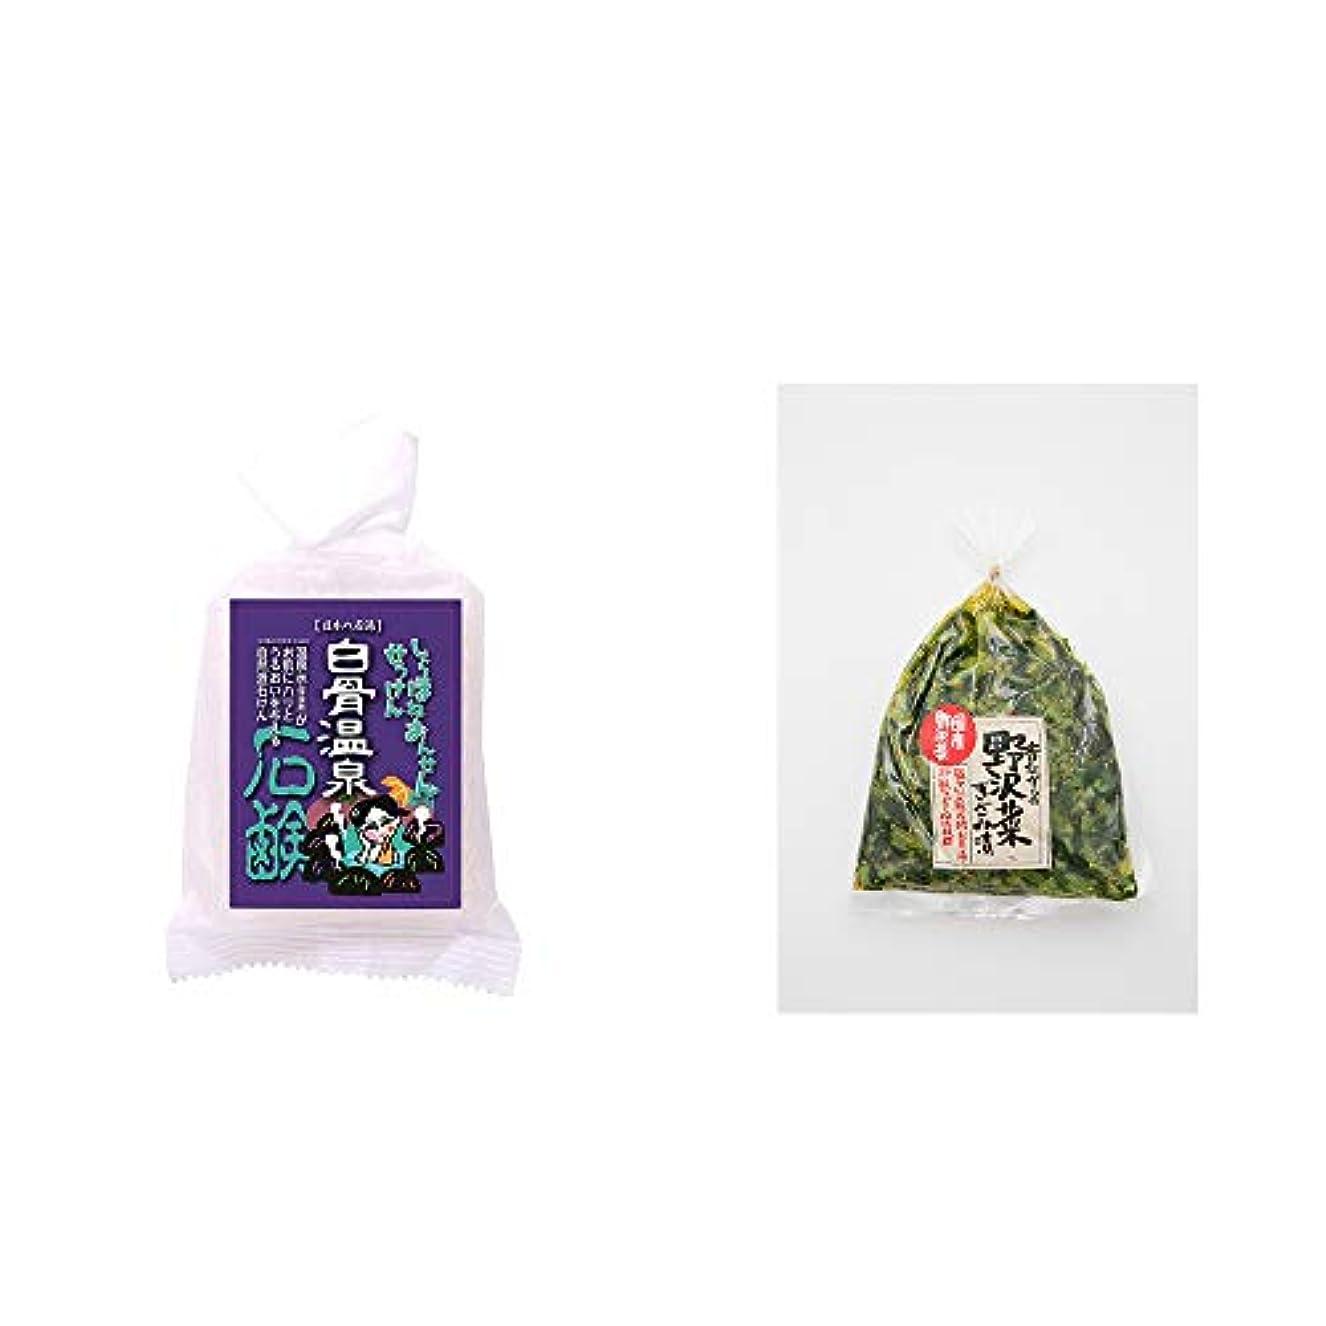 [2点セット] 信州 白骨温泉石鹸(80g)?国産 昔ながらの野沢菜きざみ漬け(150g)